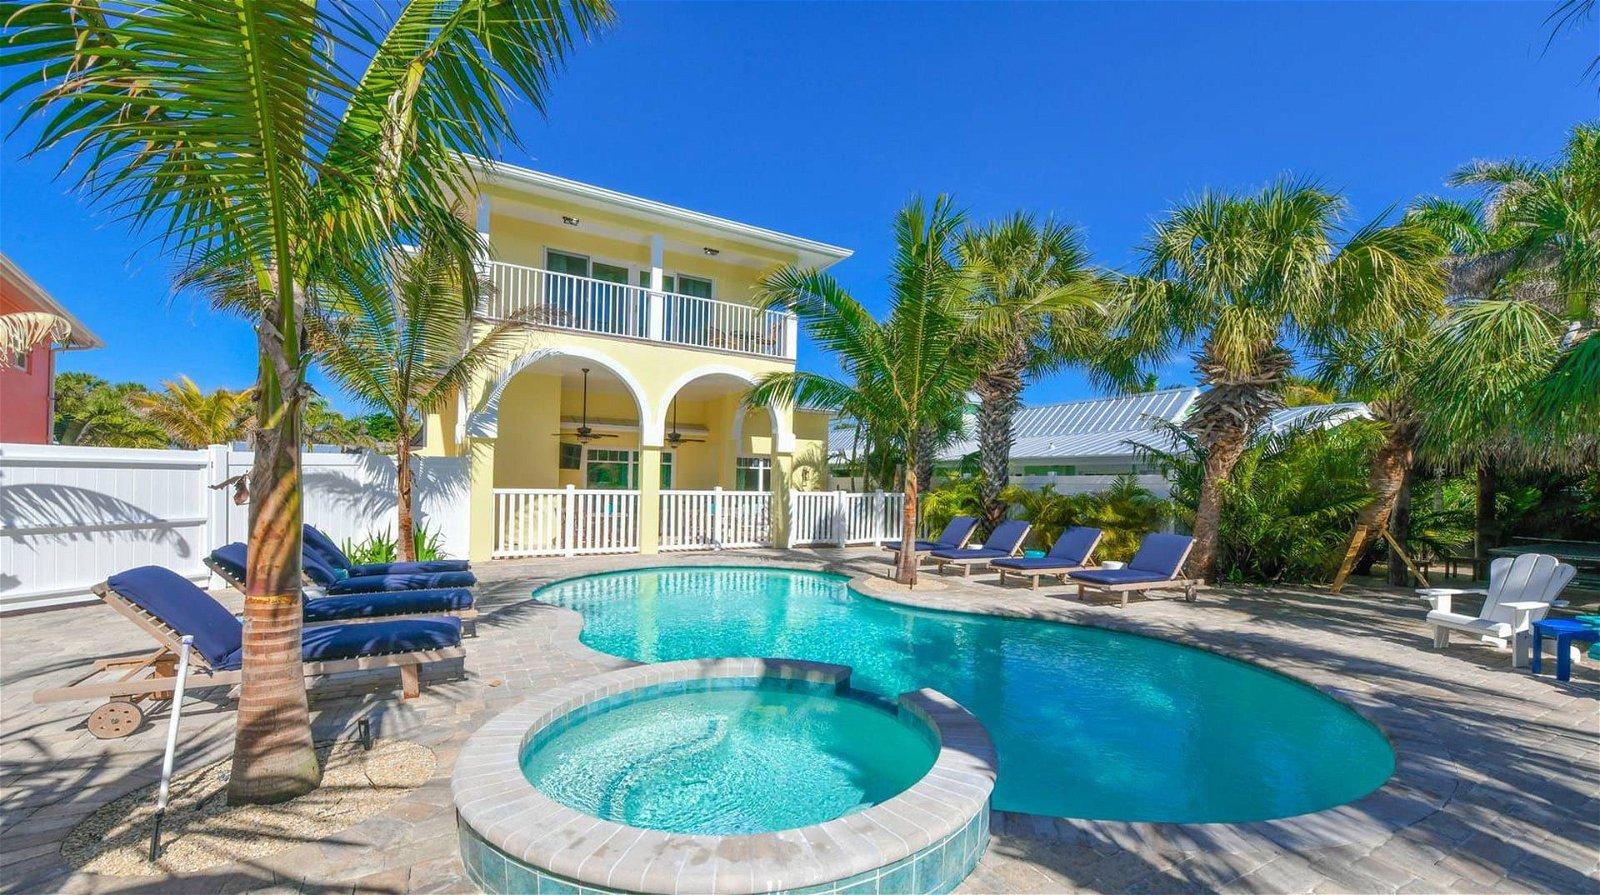 Florida Keys Renovation Mortgage Loans